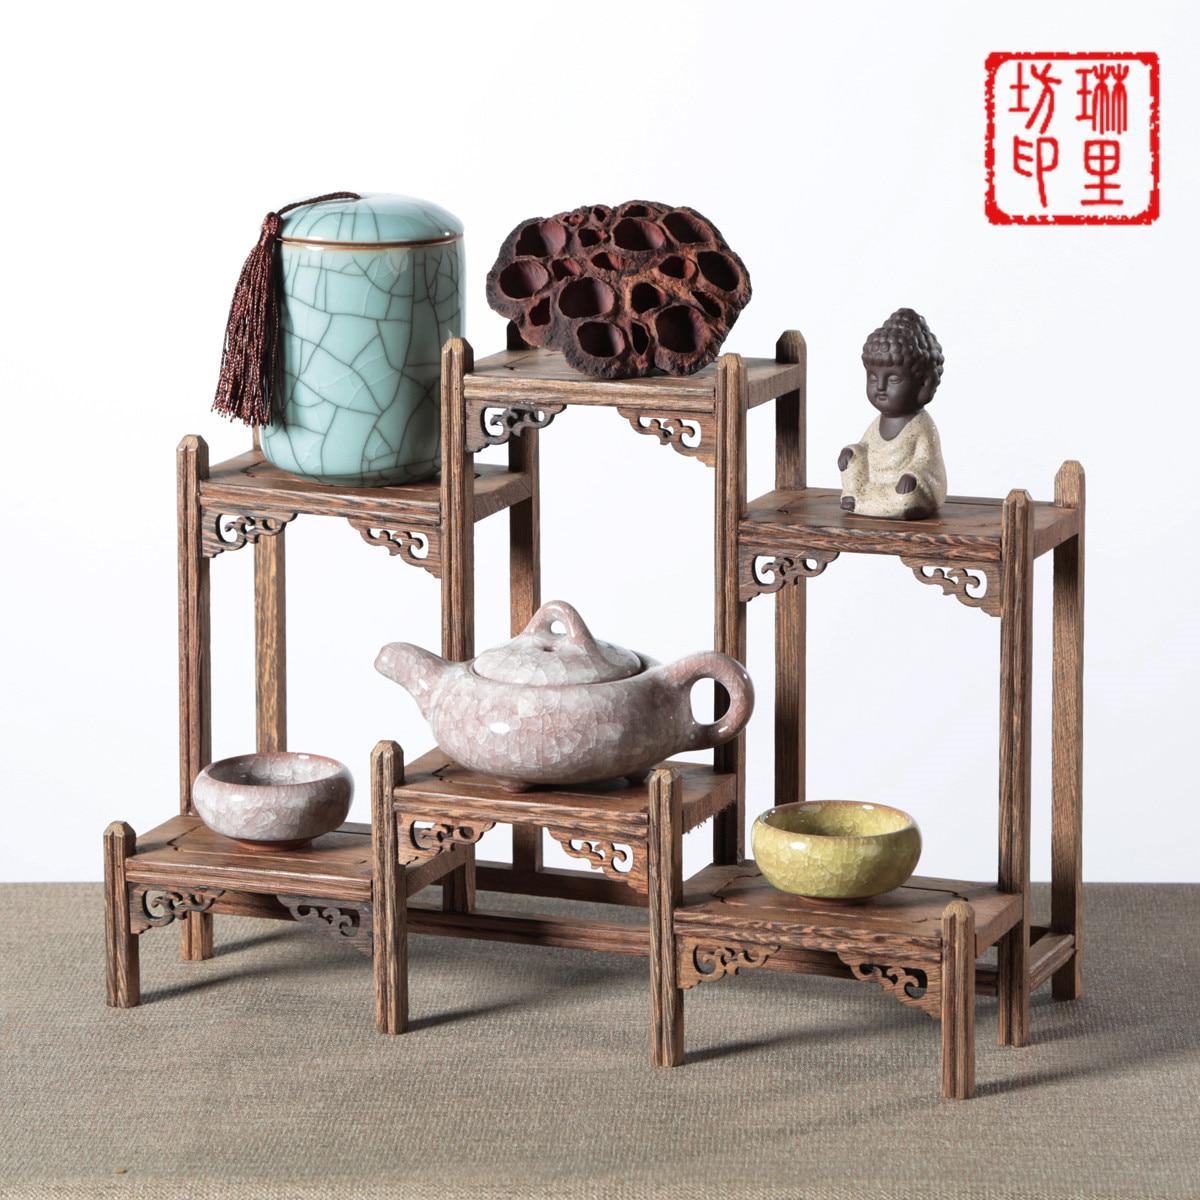 Étagères décoratives en bois debout ornements d'artisanat domestique présentoirs décoration artisanat cadre en bois de Style chinois